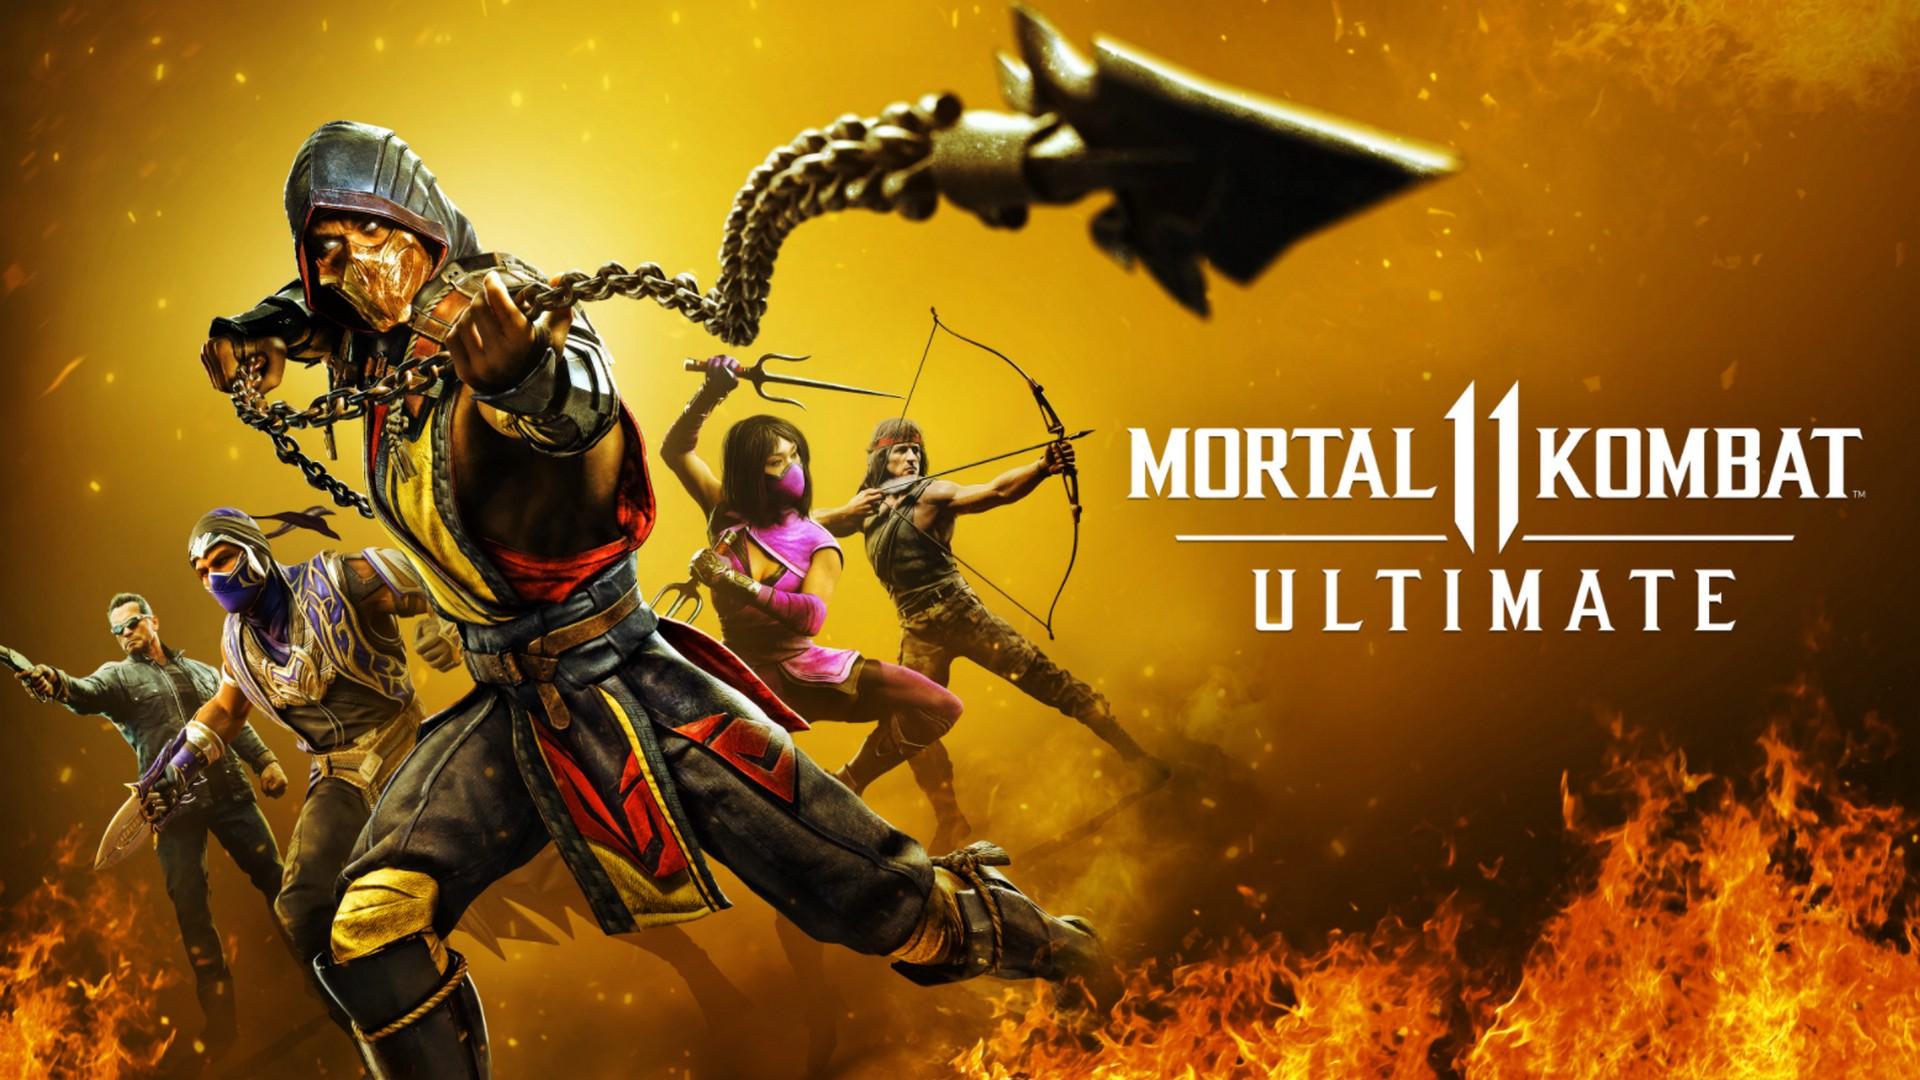 Warner Bros Games Launches Mortal Kombat 11 Ultimate